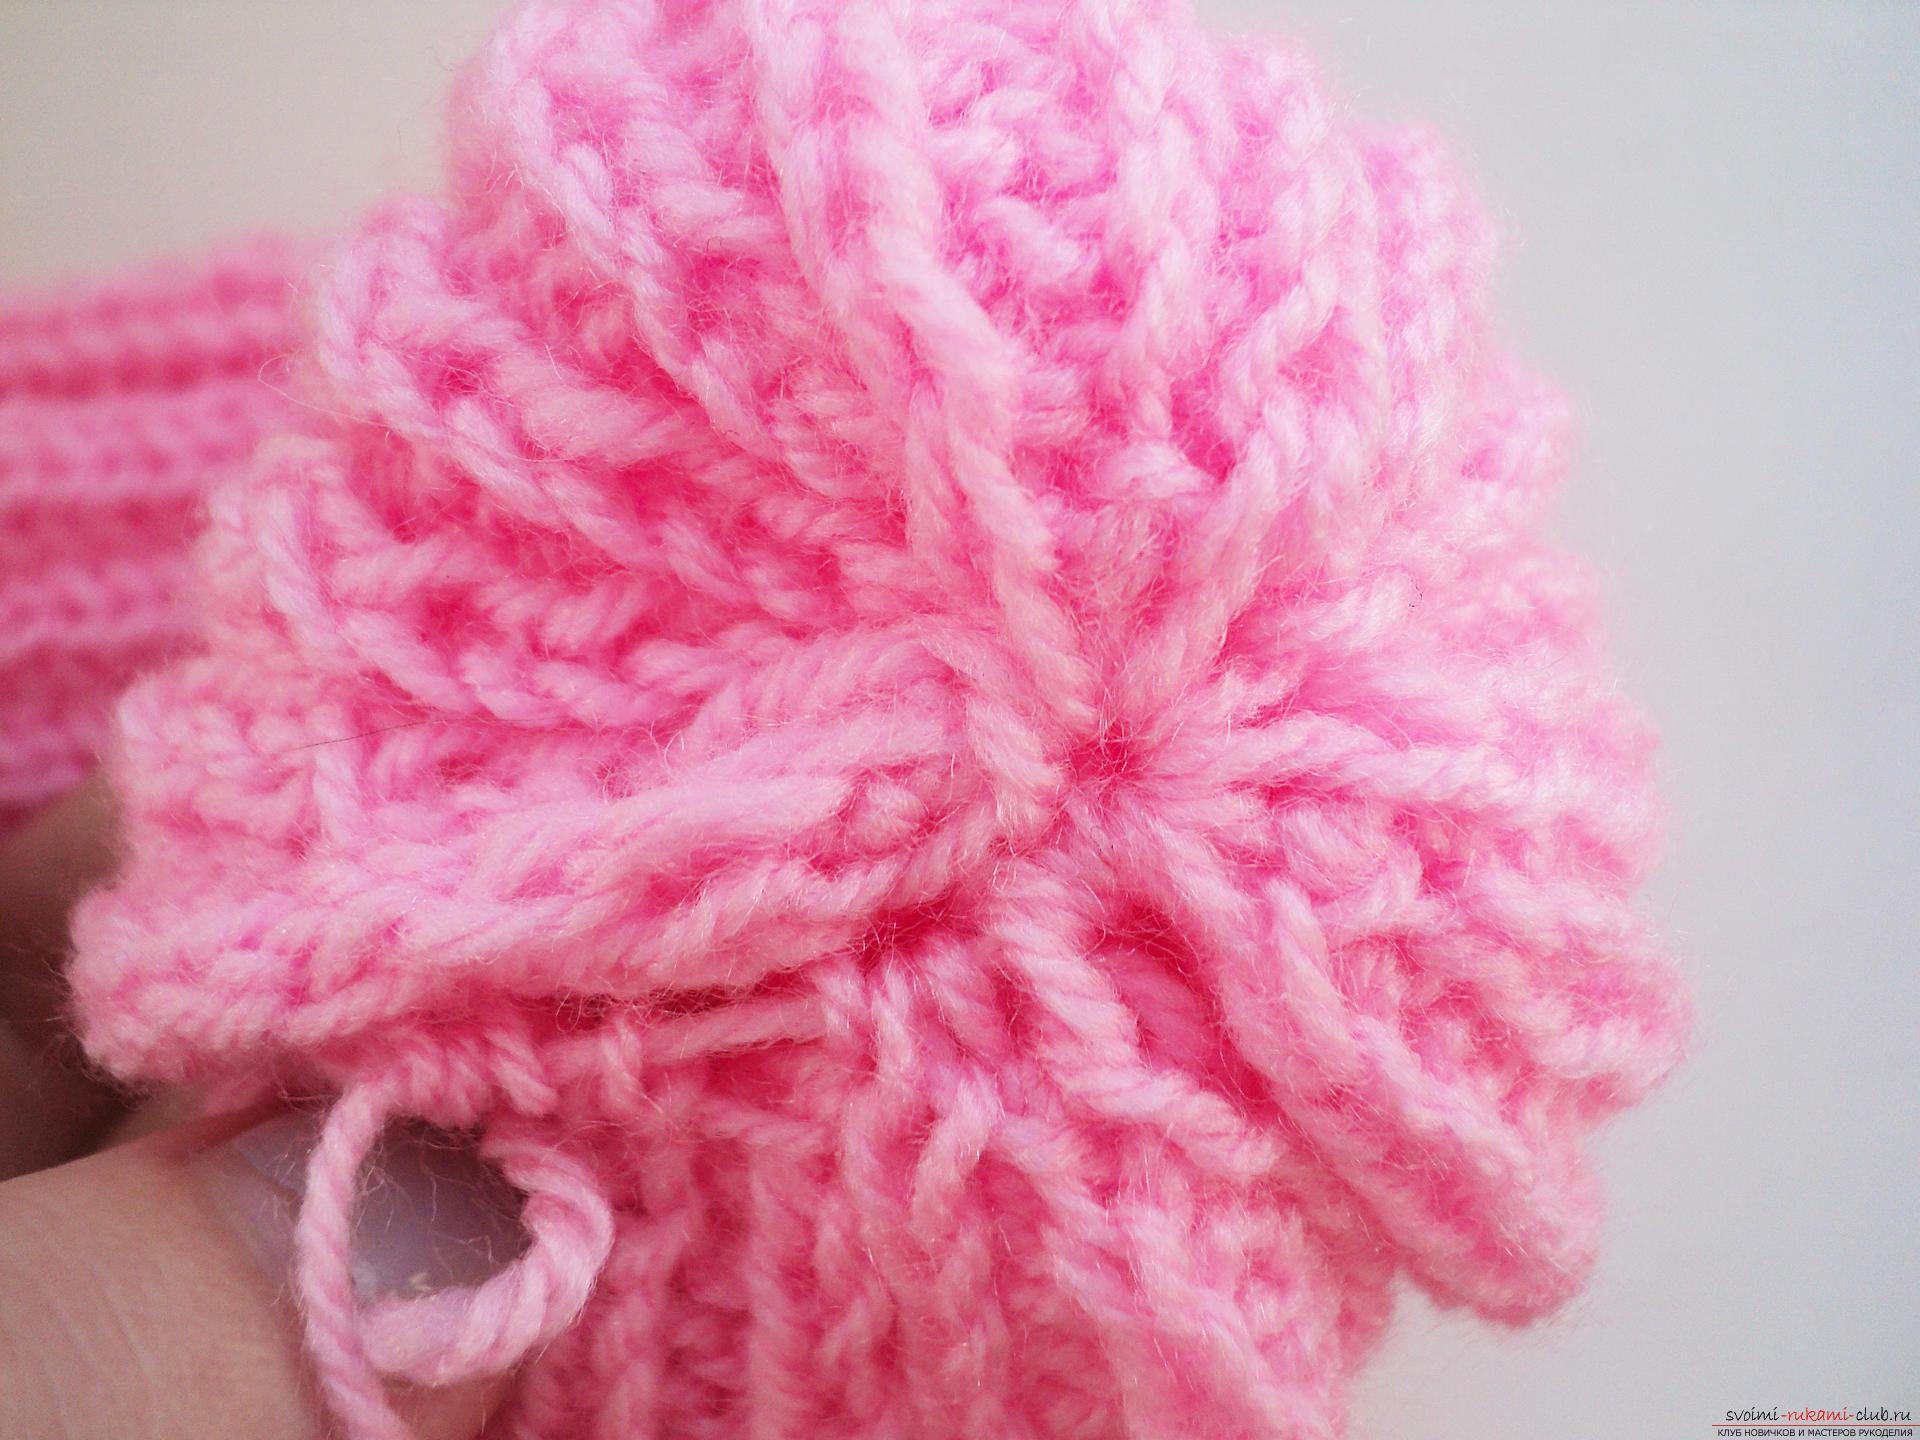 Красивая шапка-резинка вяжется легко по этому мастер-классу.. Фото №8